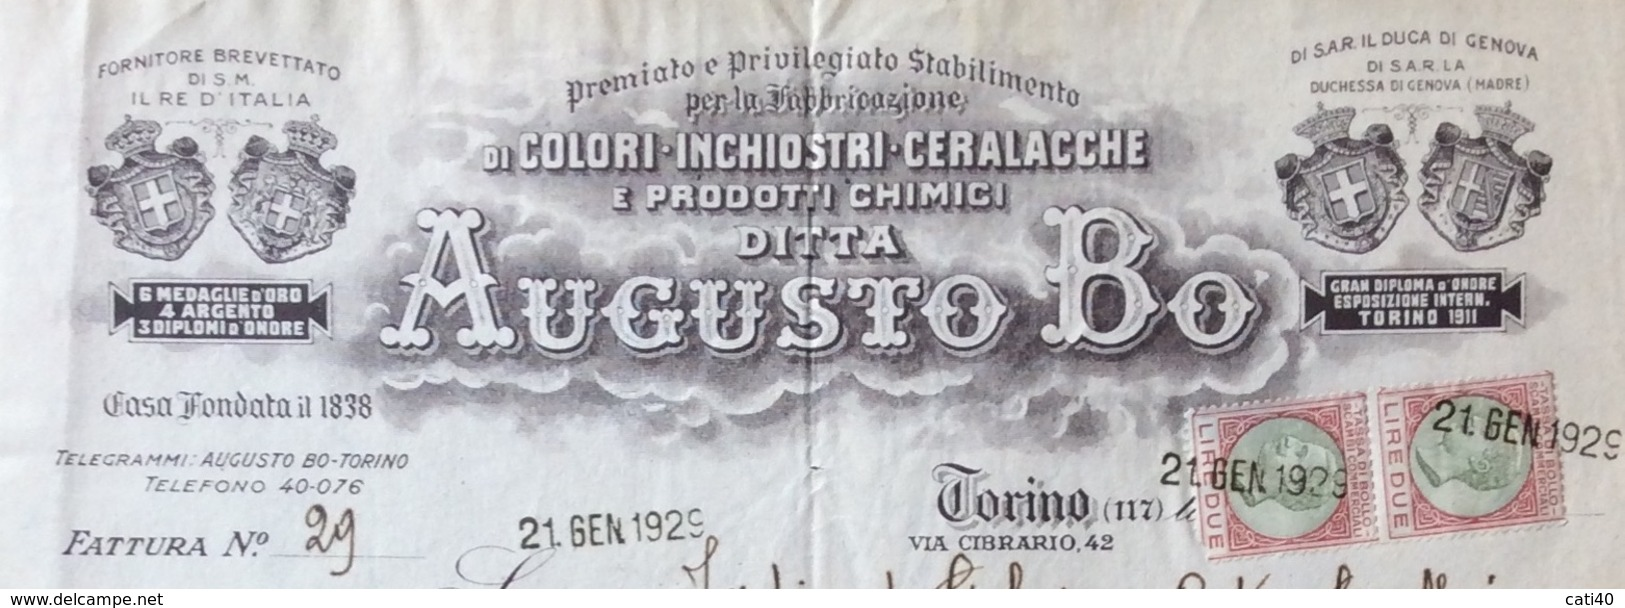 COLORI INCHIOSTRI CERALACCHE  AUGUSTO BO' - TORINO - FATTURA CON MARCHE DA BOLLO DEL 21/1/29 - Italia